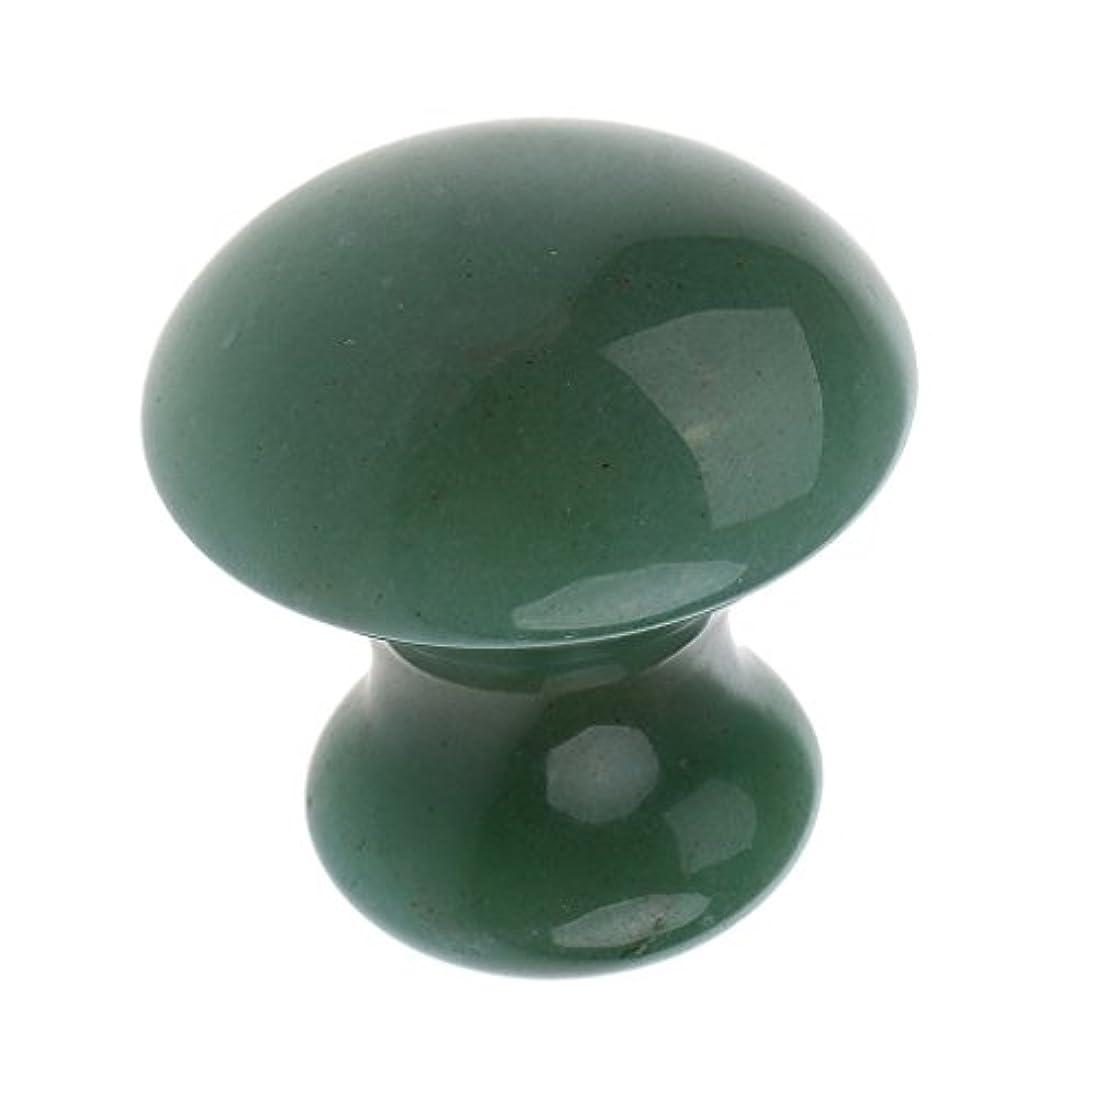 ラップトップ足第Baoblaze マッサージストーン マッシュルーム スパ SPA ストーン スキンケア リラックス 2色選べる - 緑